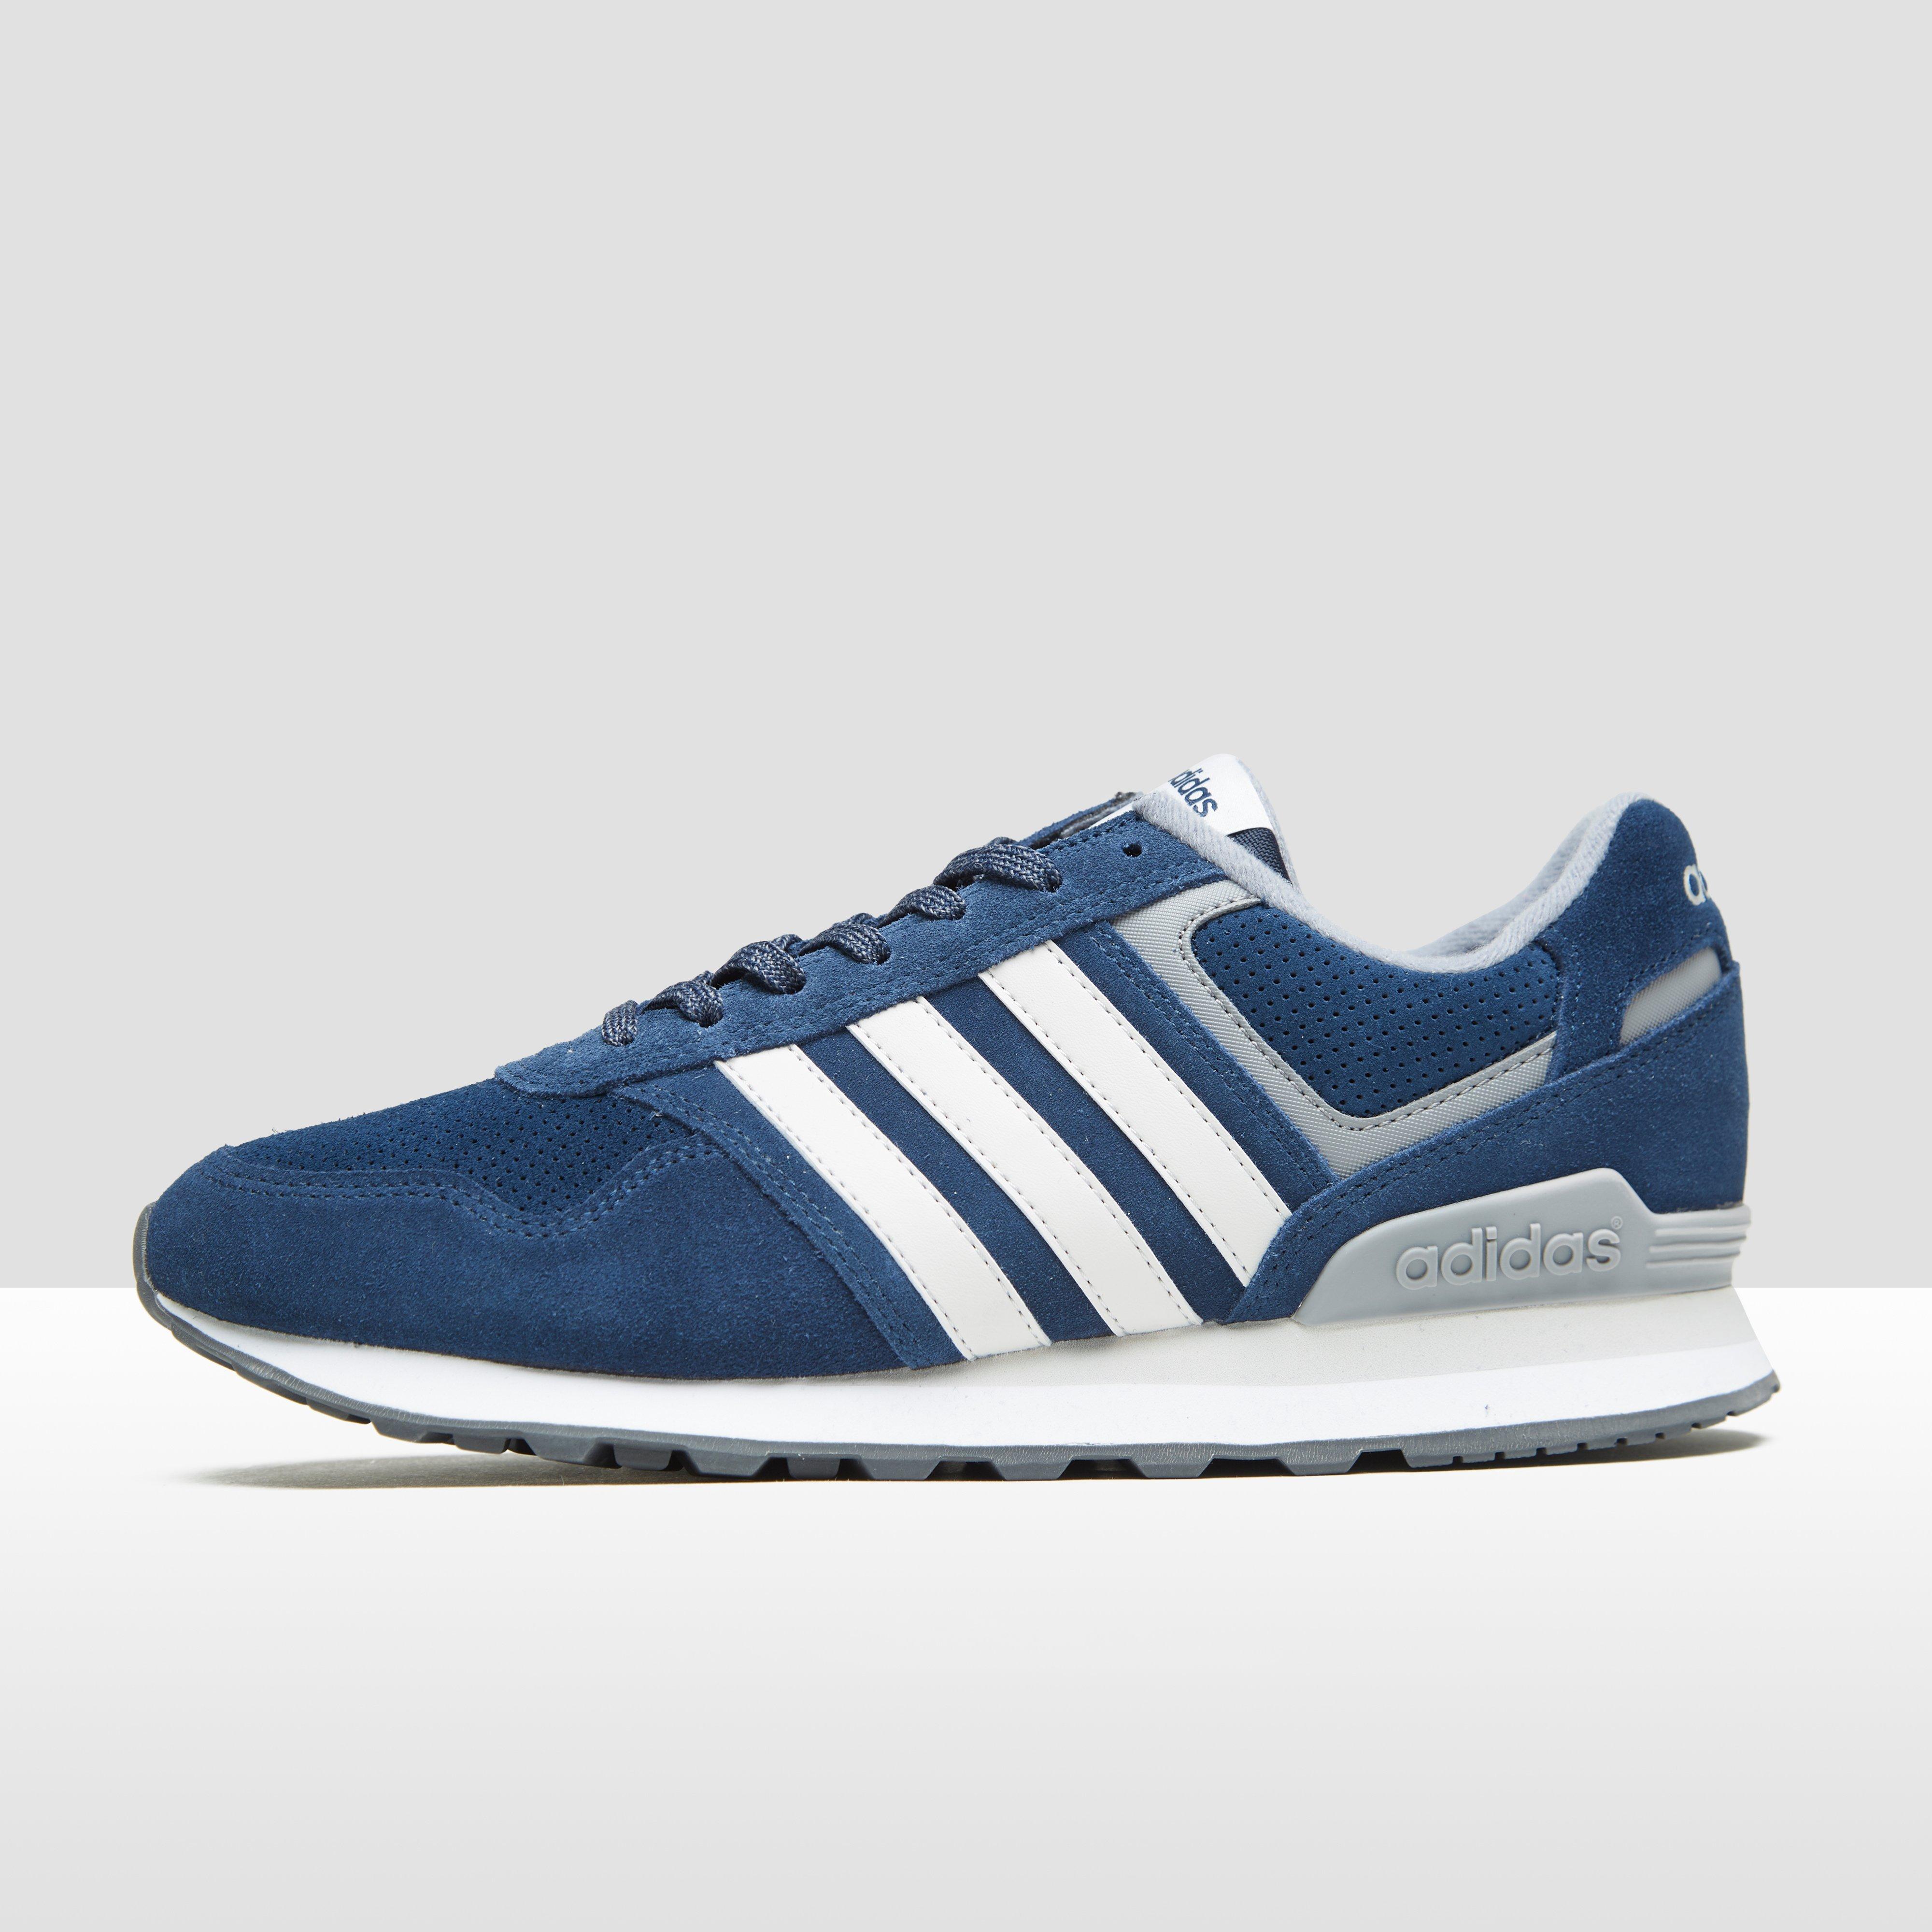 Gris Adidas Formateurs Munchen Hommes - Gris, Taille: 46,5